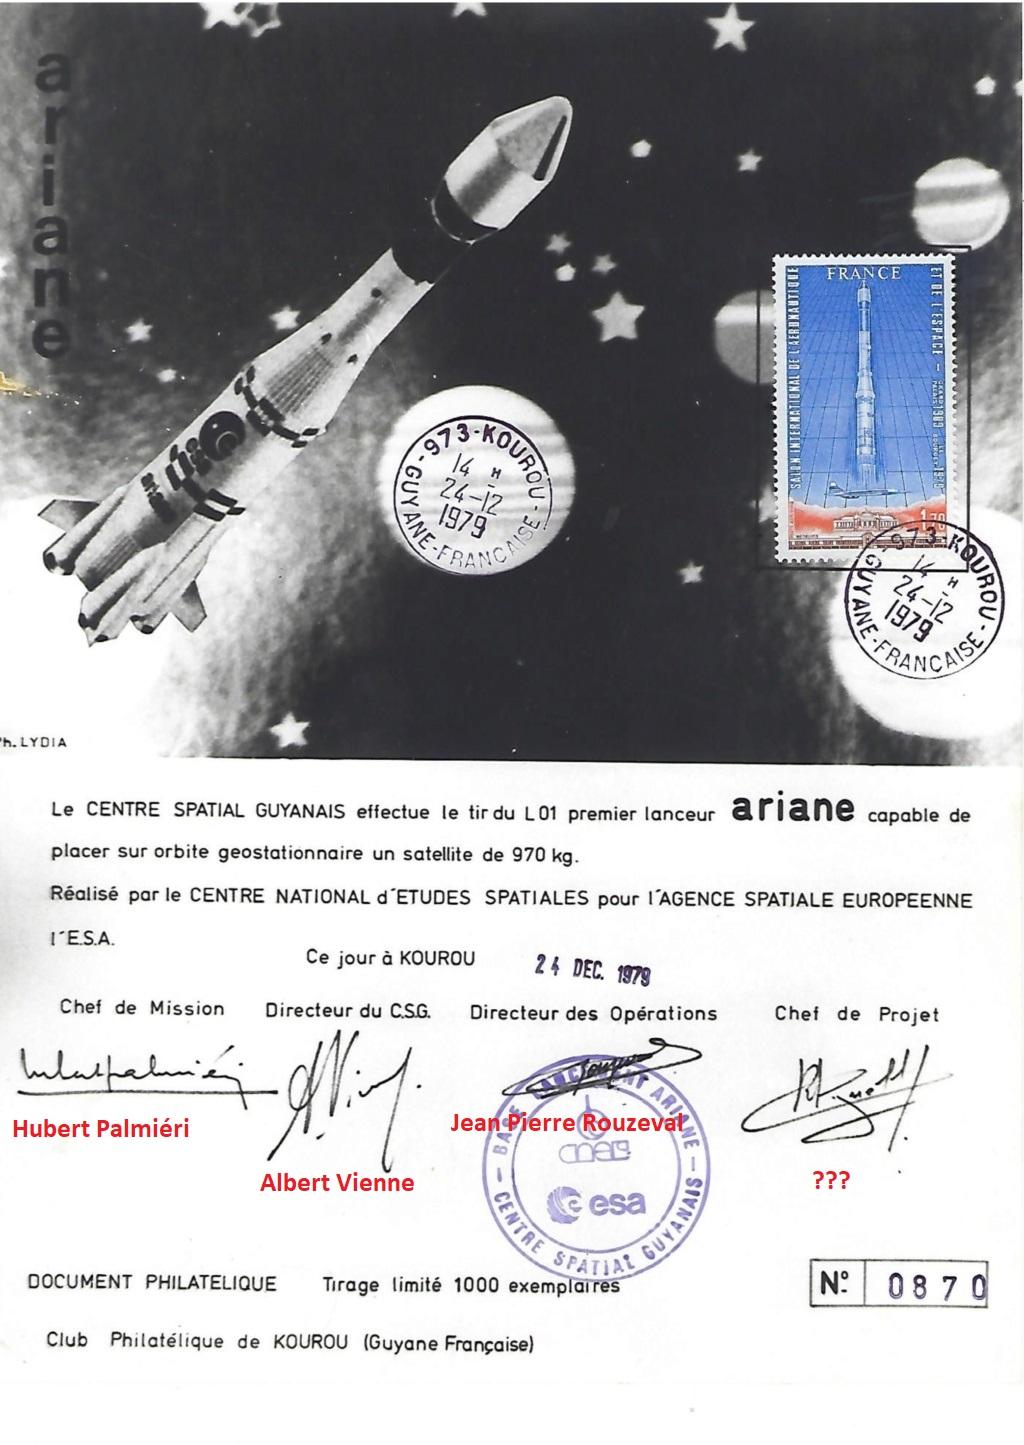 Ariane L01 - 24.12.1979 1401